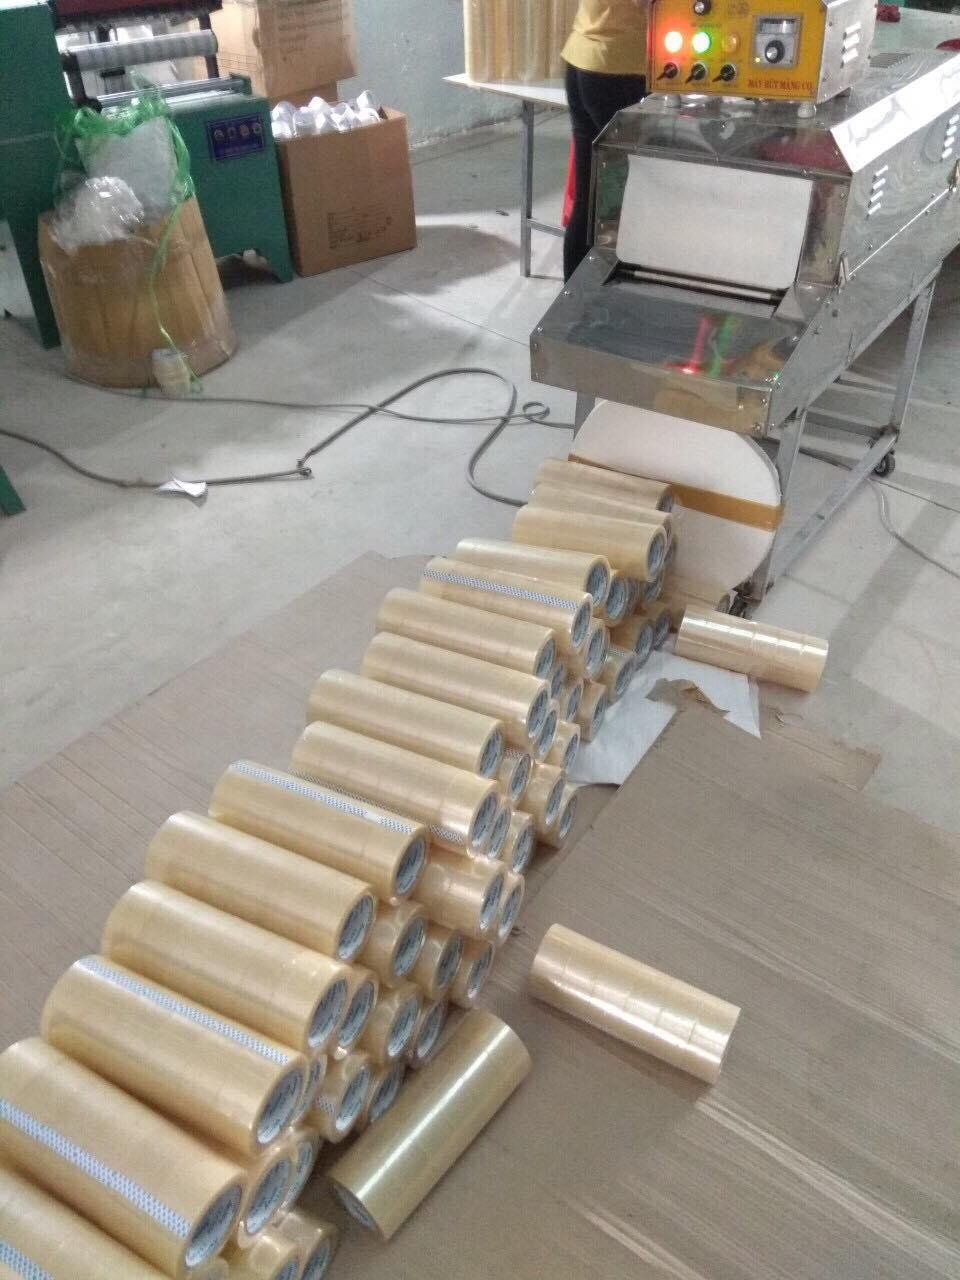 Quy trình sản xuất băng keo bằng công nghệ cao hiện nay